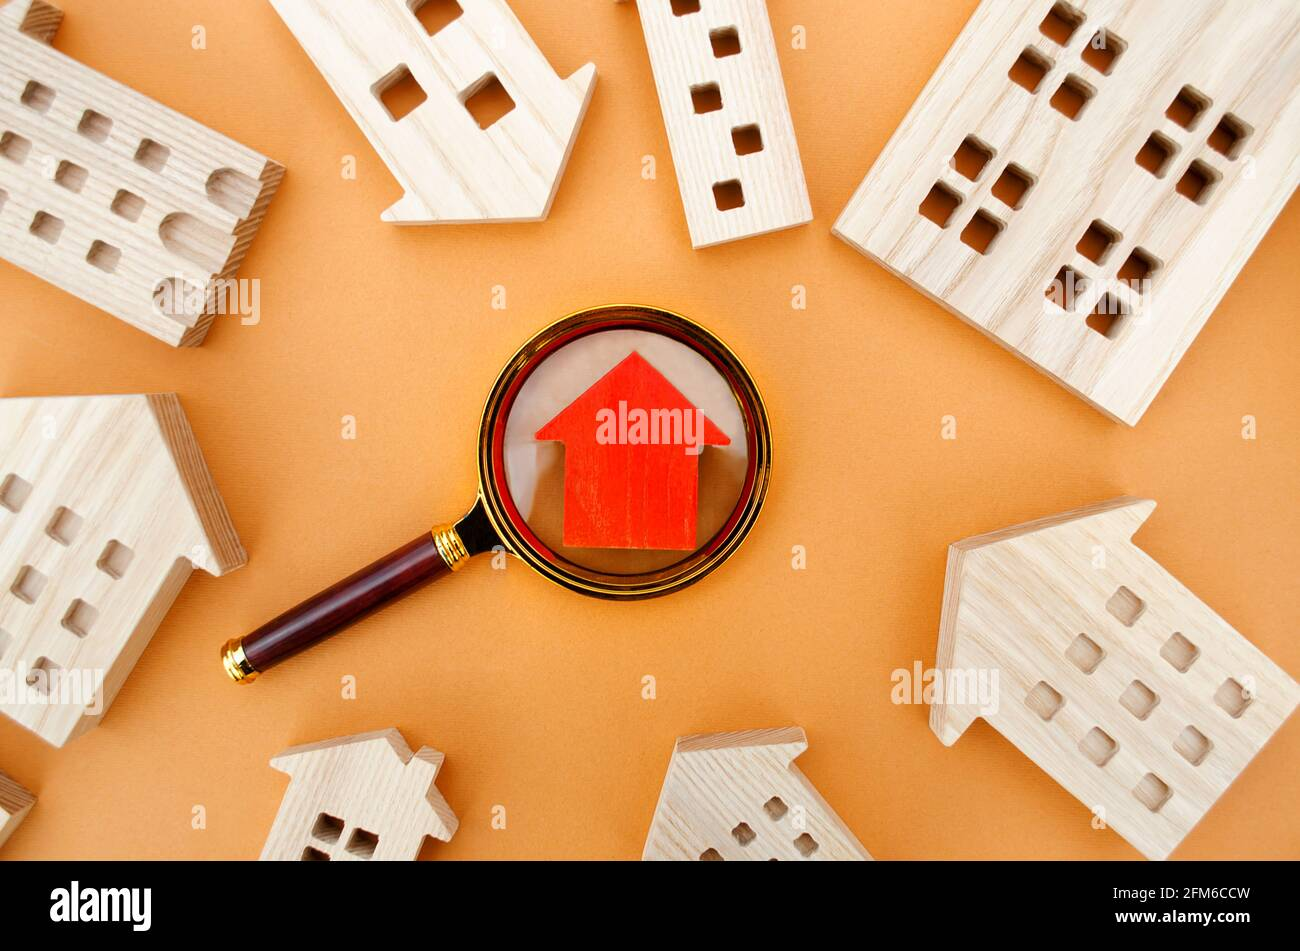 Lupa y casas de madera. Casa buscar concepto. Inicio evaluación. Valoración de Inmuebles. Elección de la ubicación para la construcción. Búsqueda de h Foto de stock